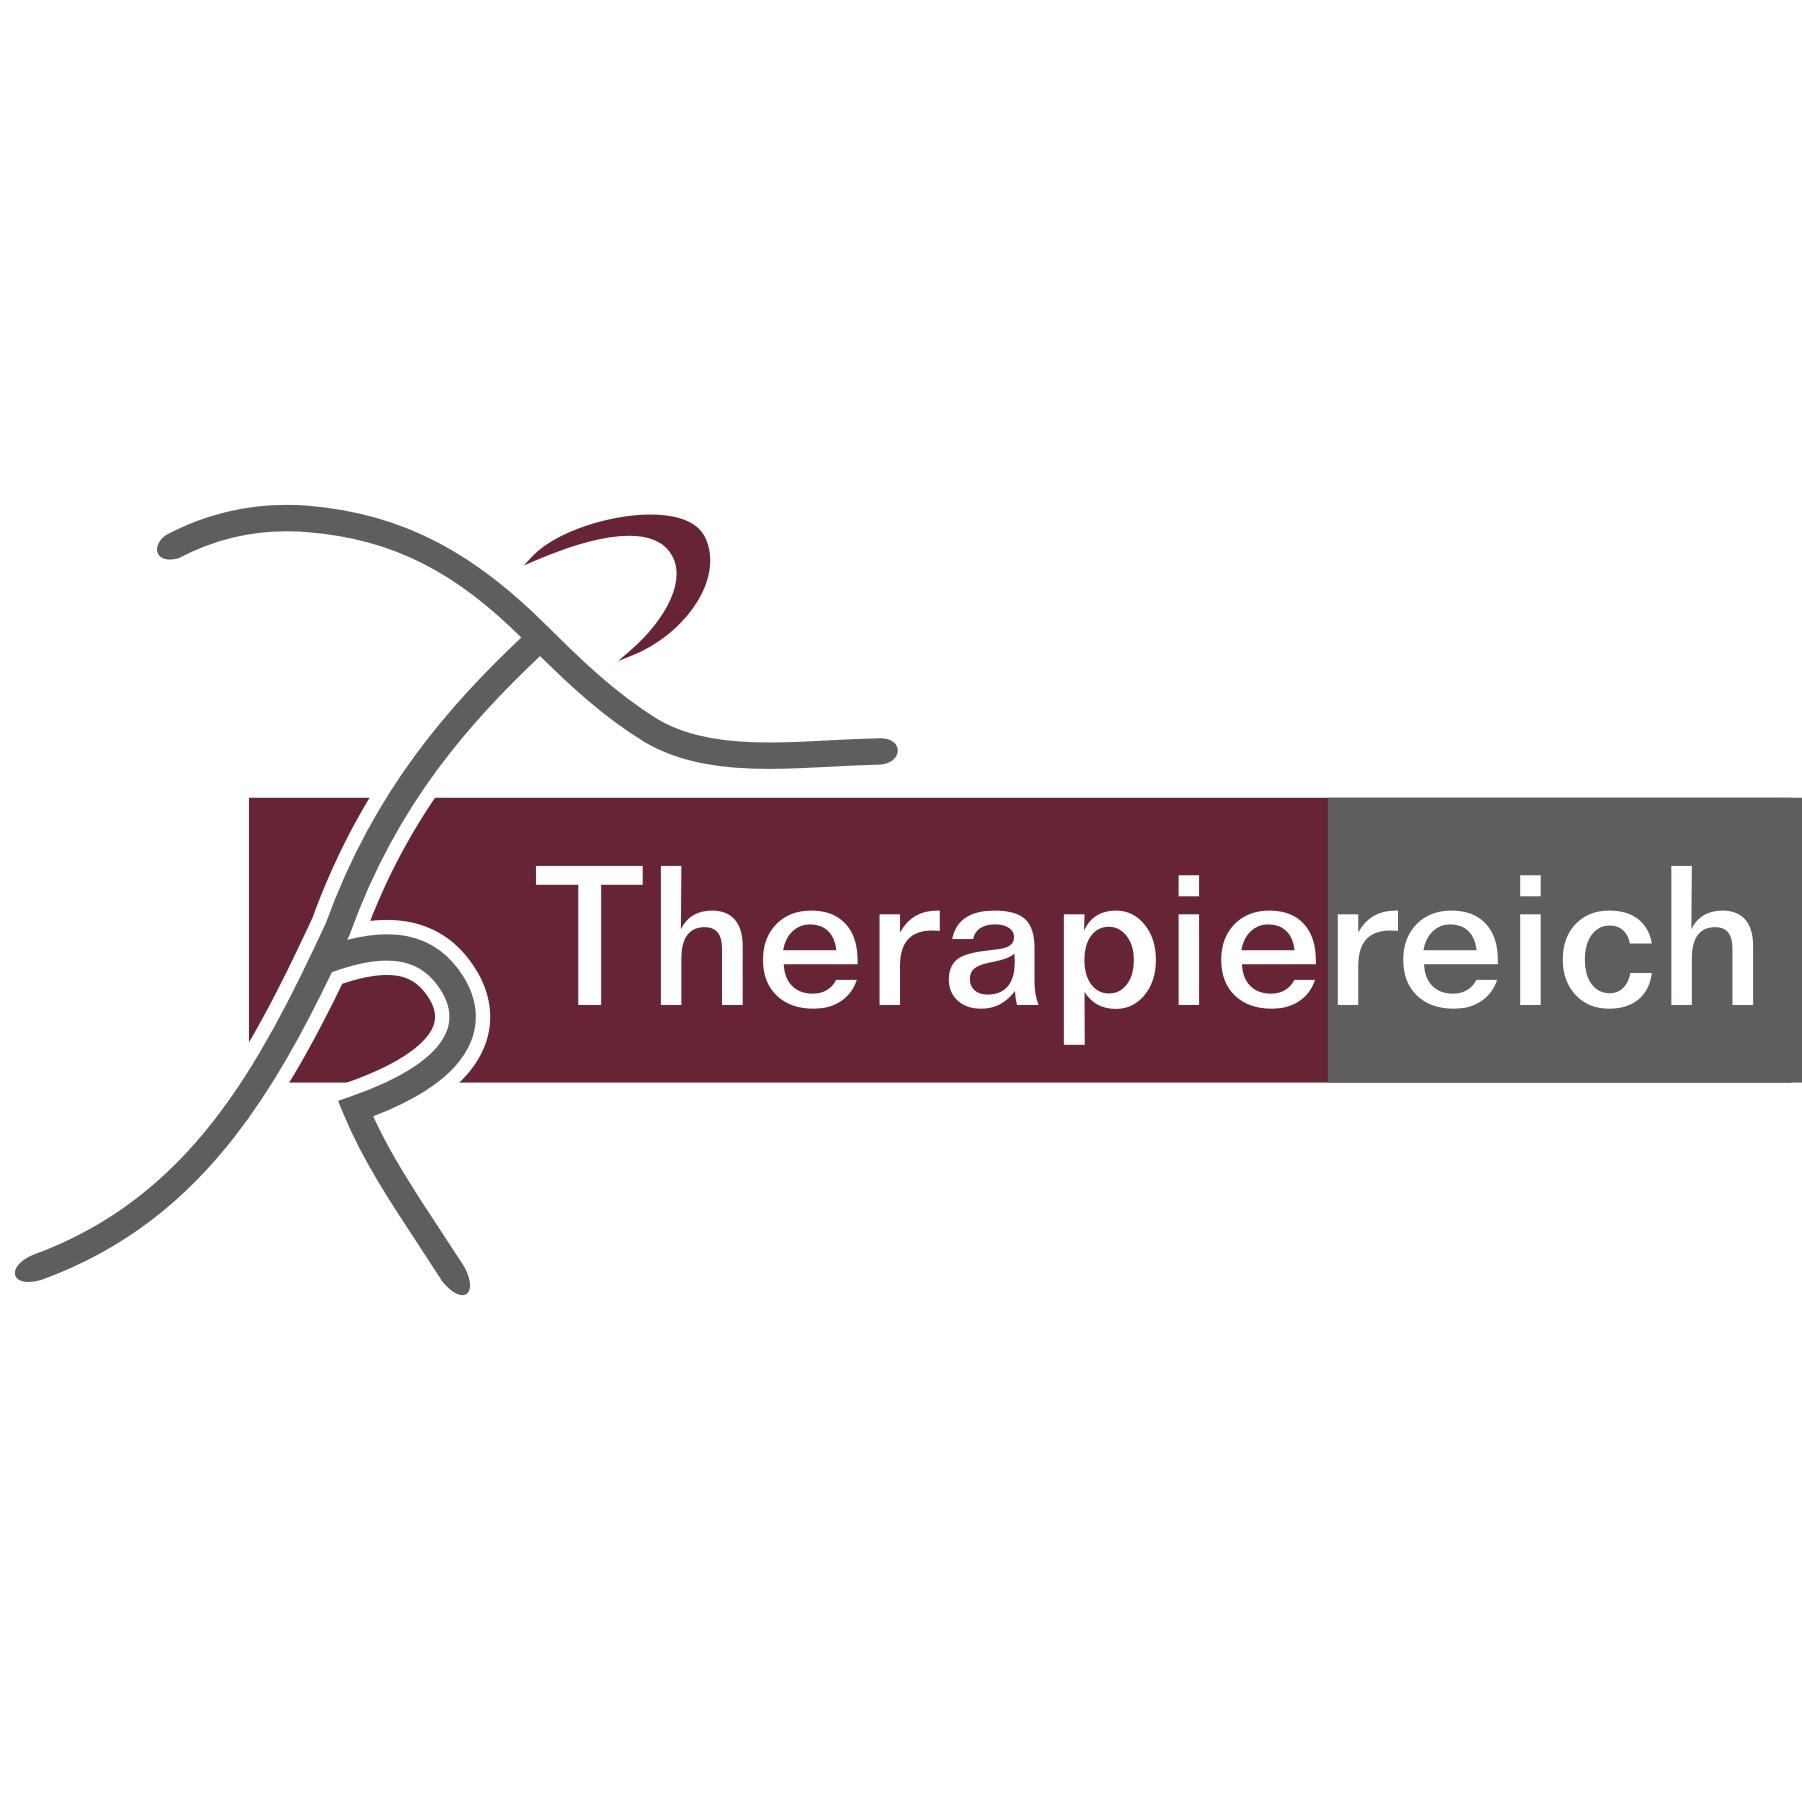 Bild zu Therapiereich Christian Stadelmann & Jörn Zaeske GbR in Aschaffenburg